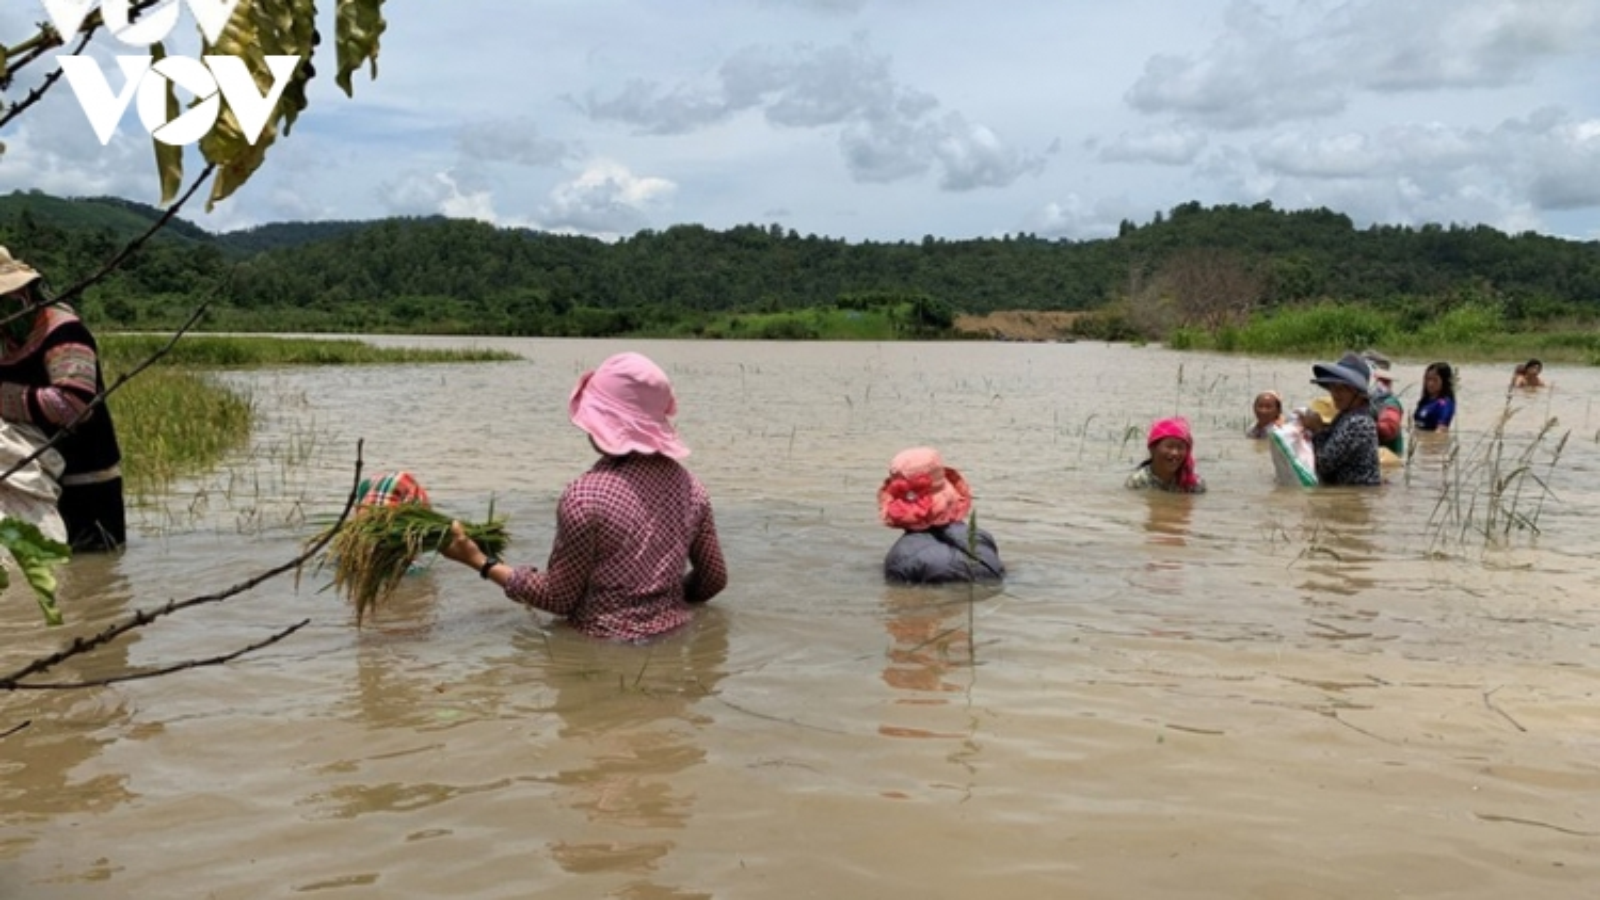 Dự án thủy lợi 4.400 tỷ đồng ở Đắk Lắk: Bất cập, tắc trách đẩy dân vào hiểm nguy